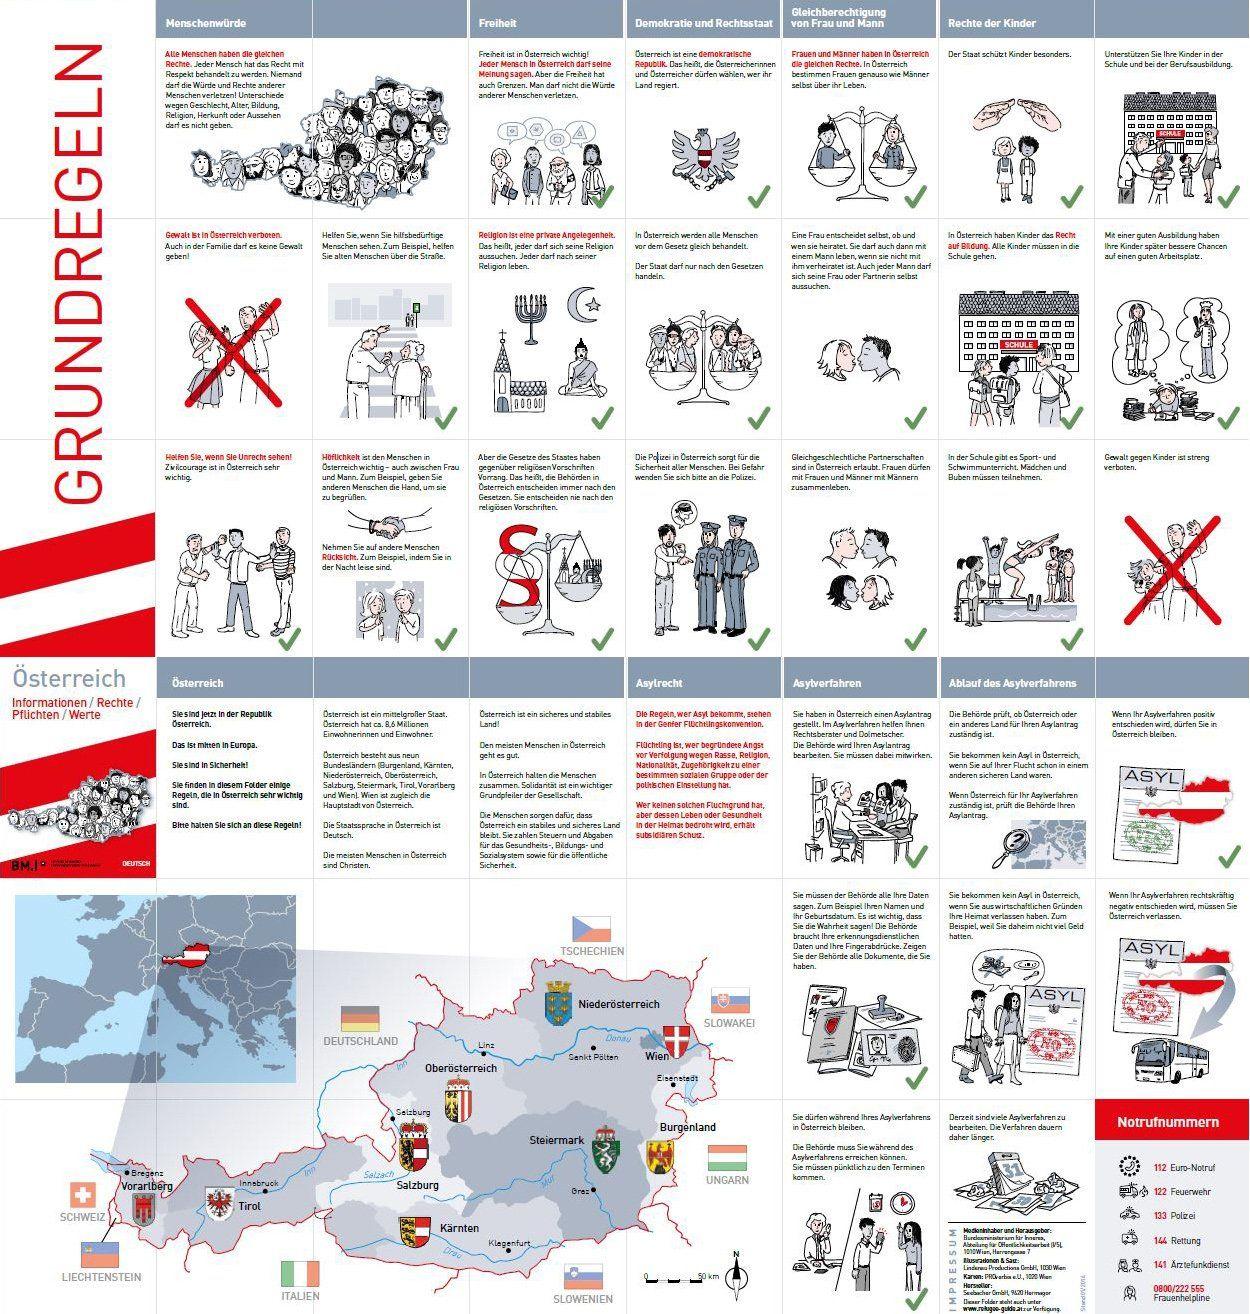 neue gesetze für flüchtlinge in österreich